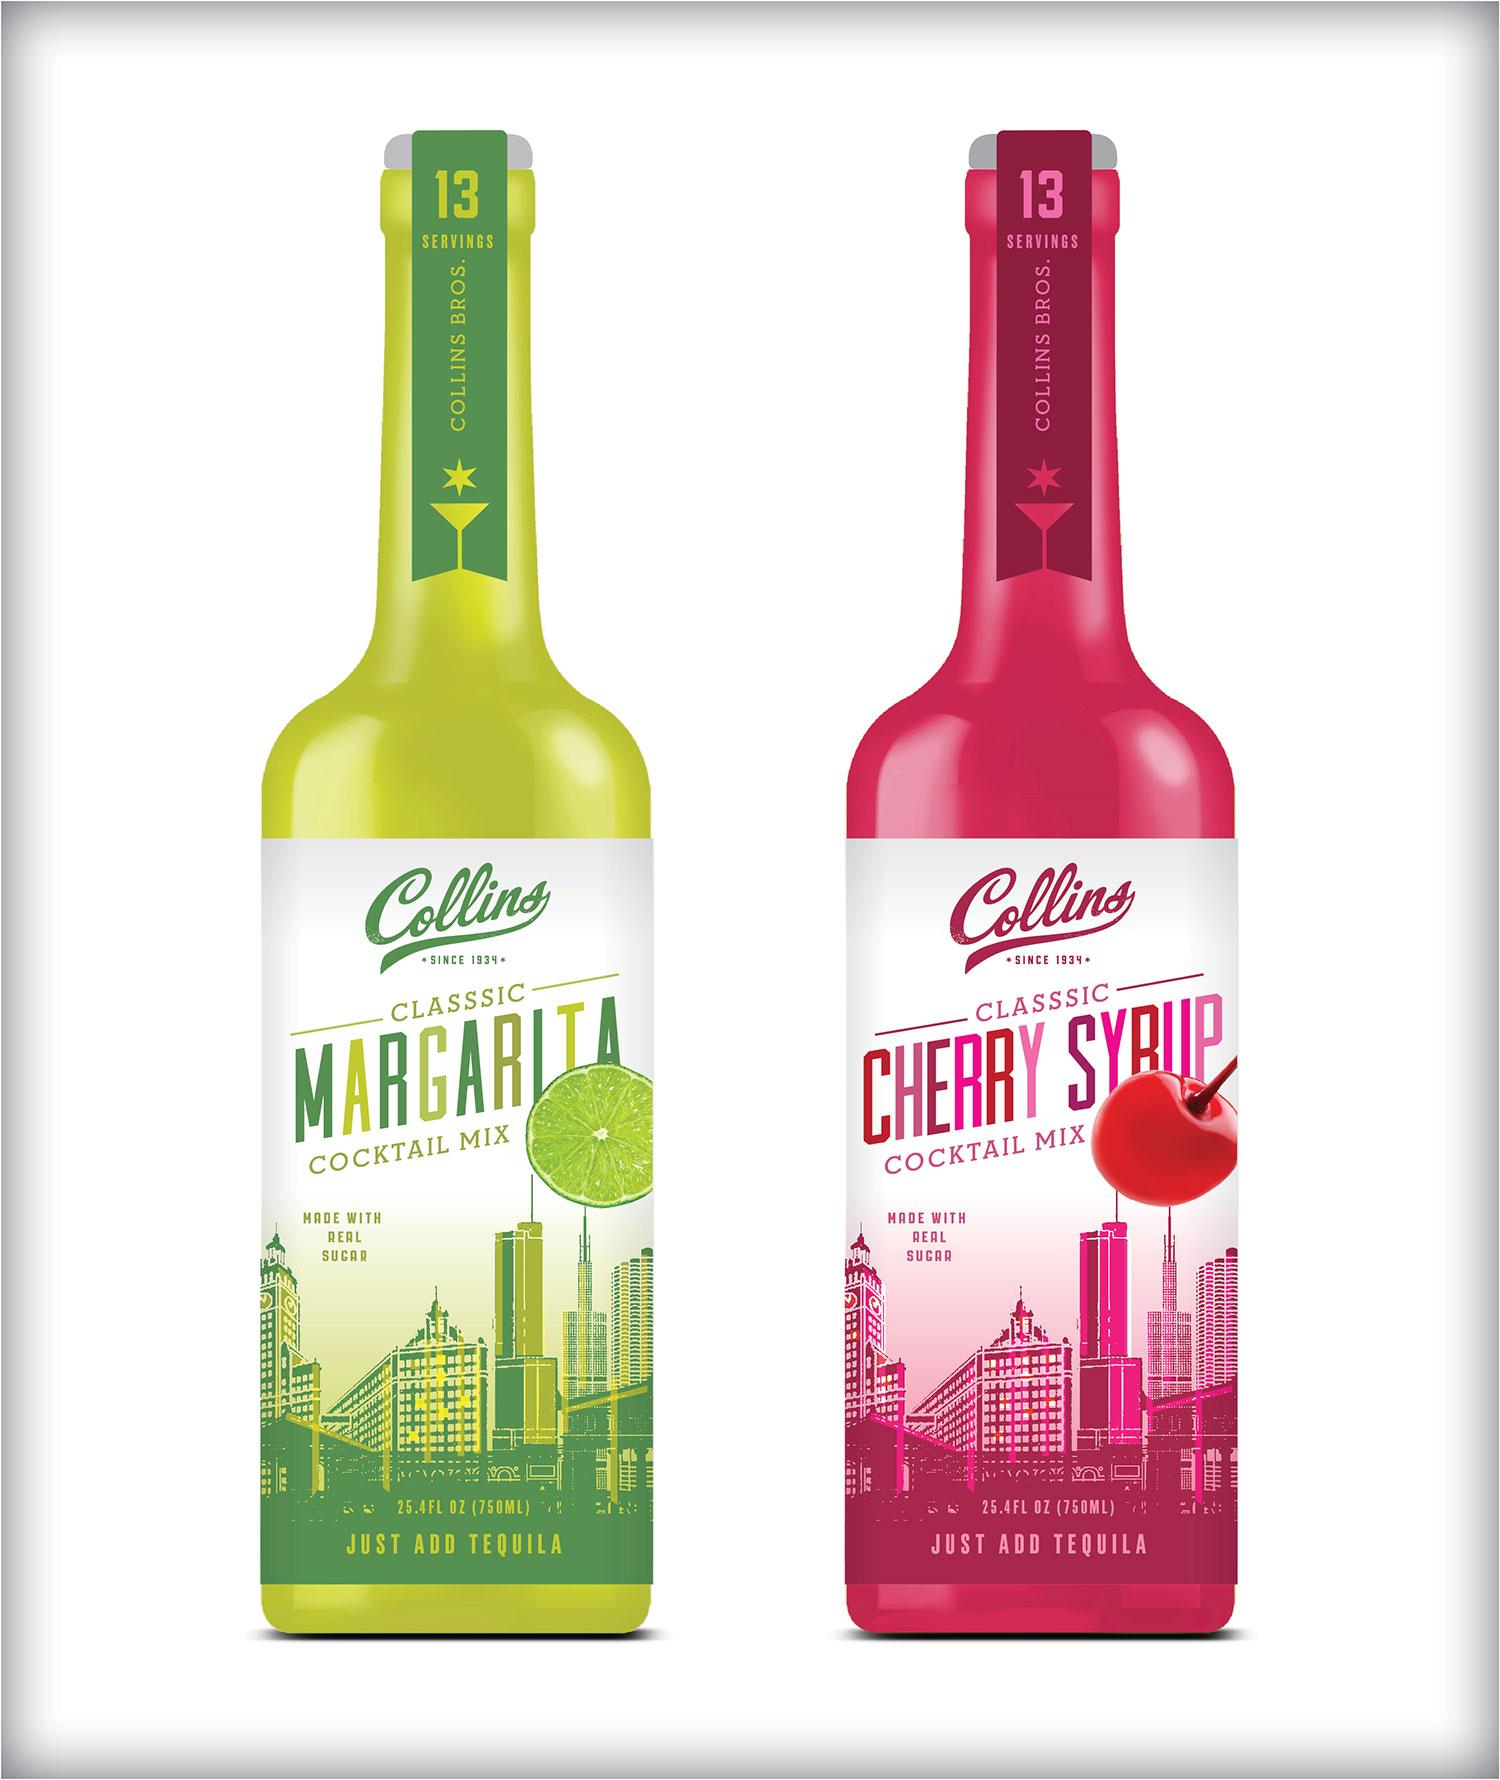 Collins-Rebrand-Packaging-MIXES-Yuri-Shvets-2.jpg